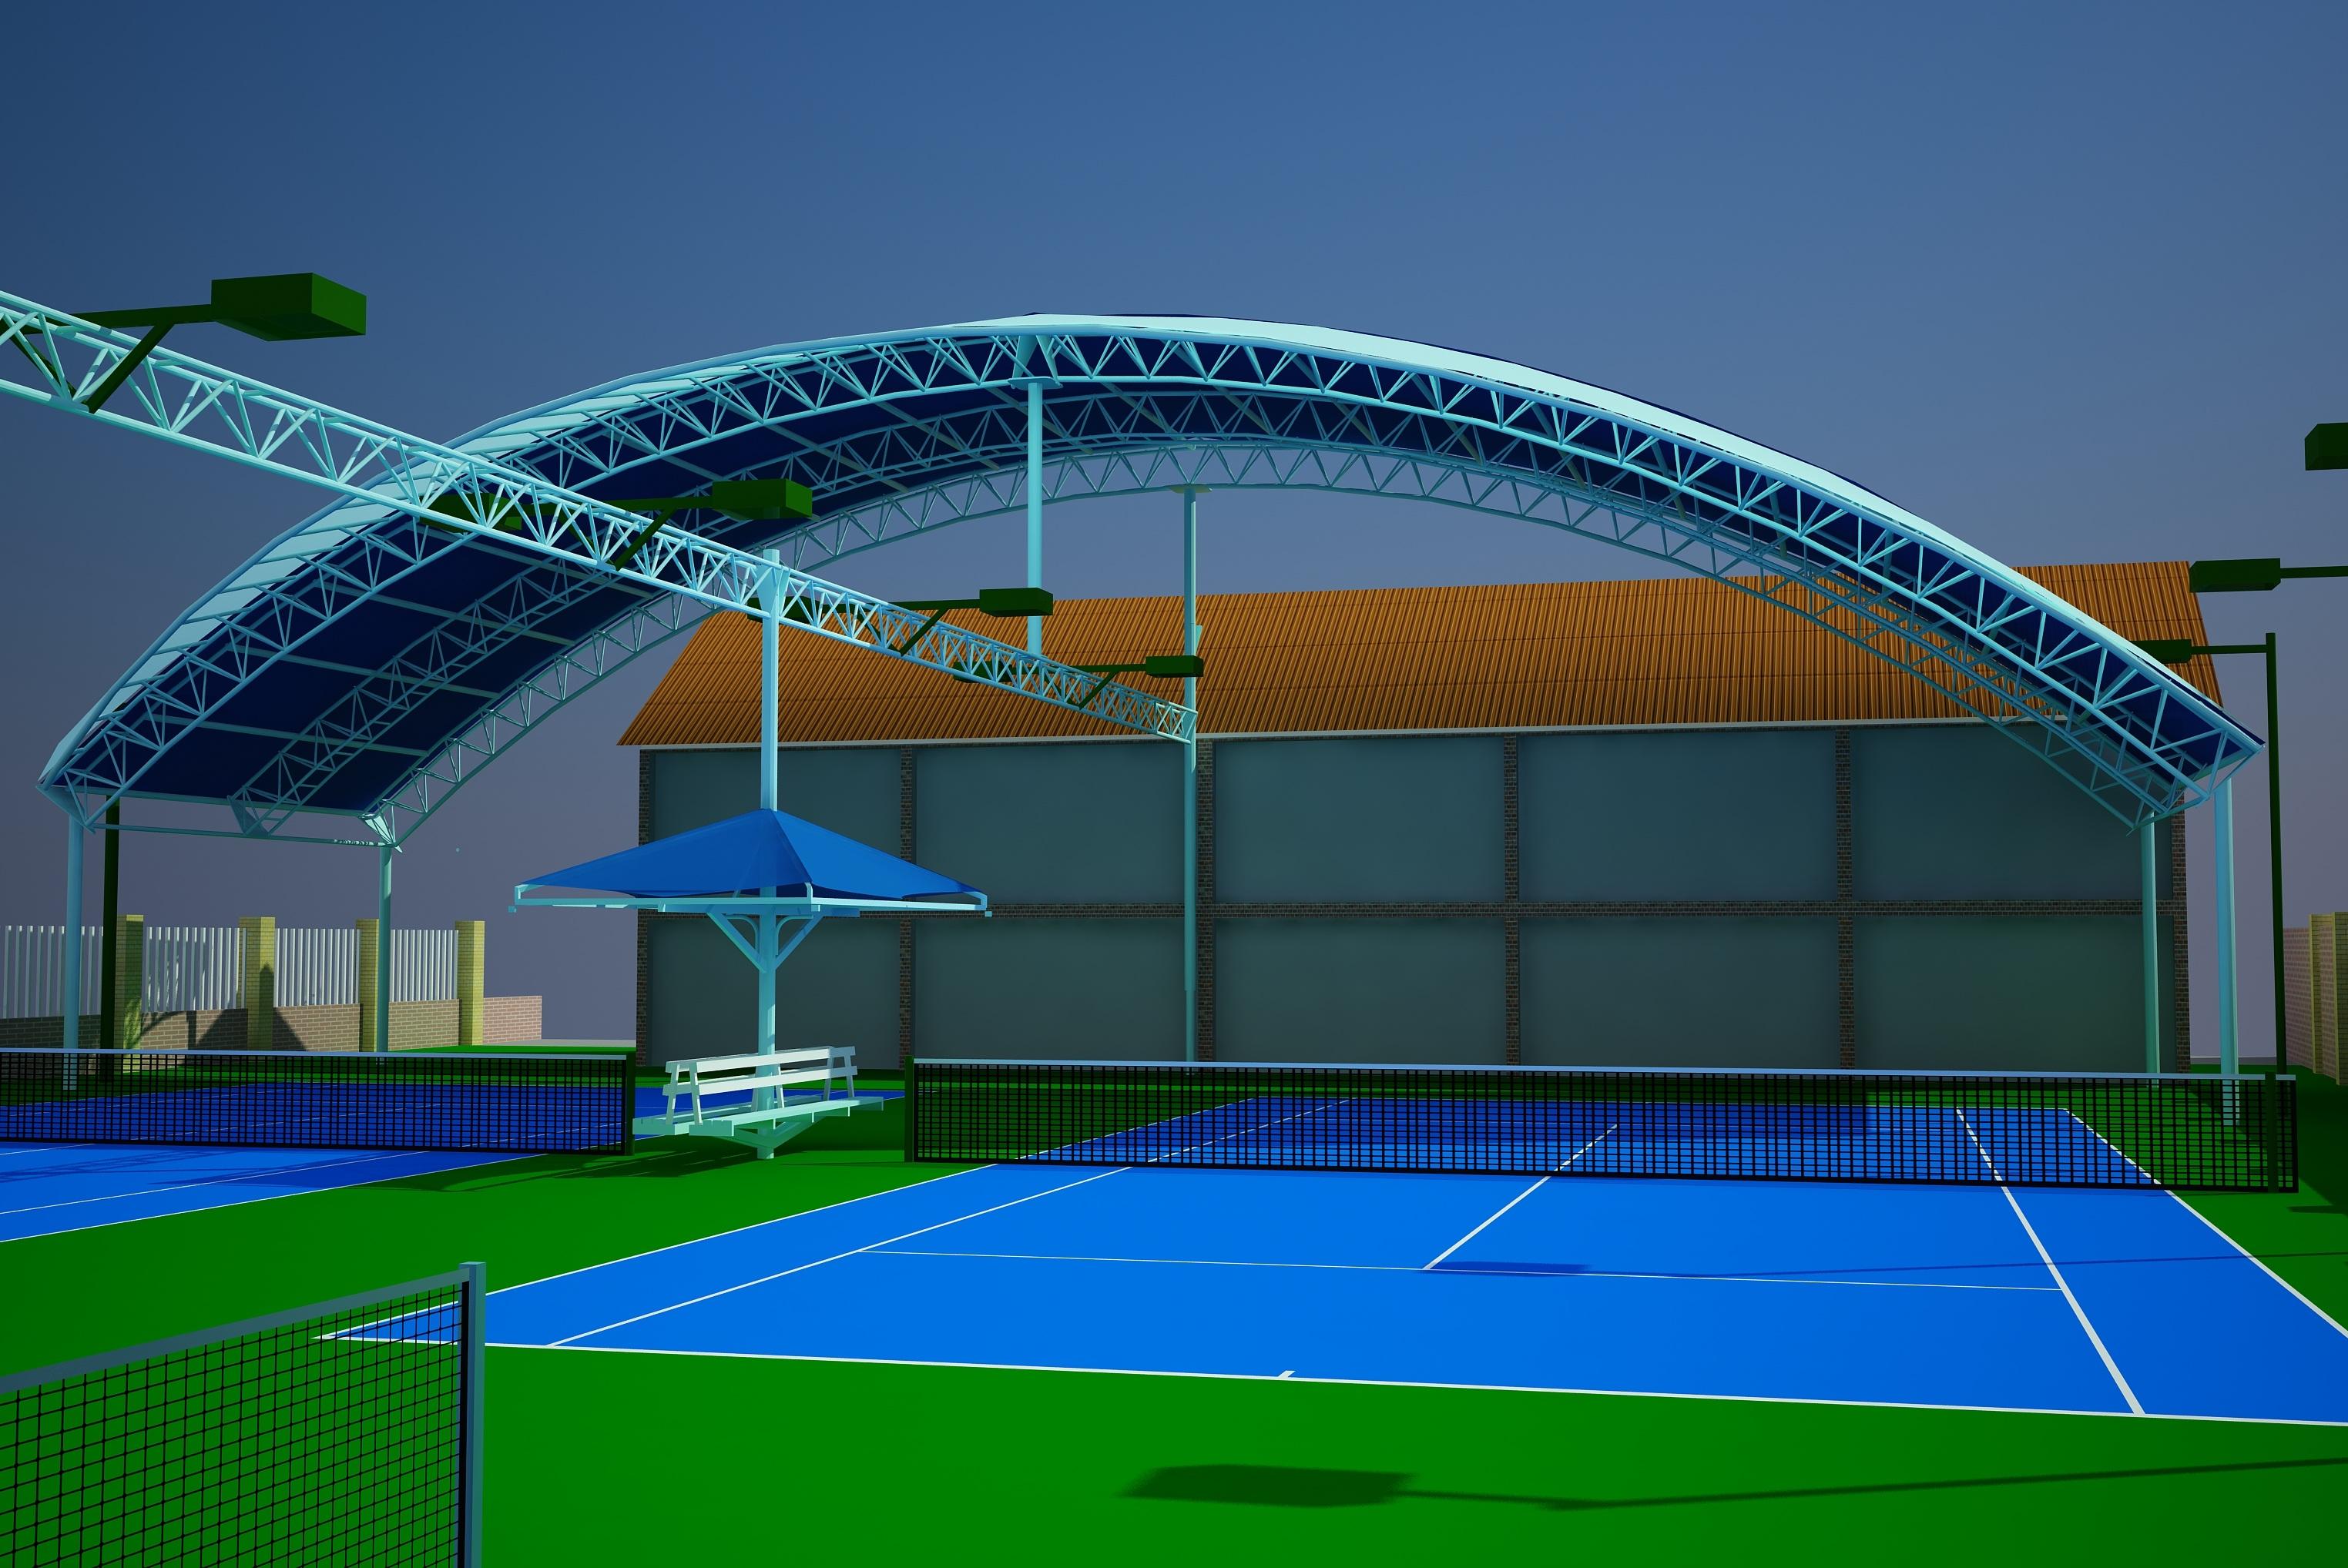 mái che sân tennis - thi công mái che sân tennis - MÁI XẾP